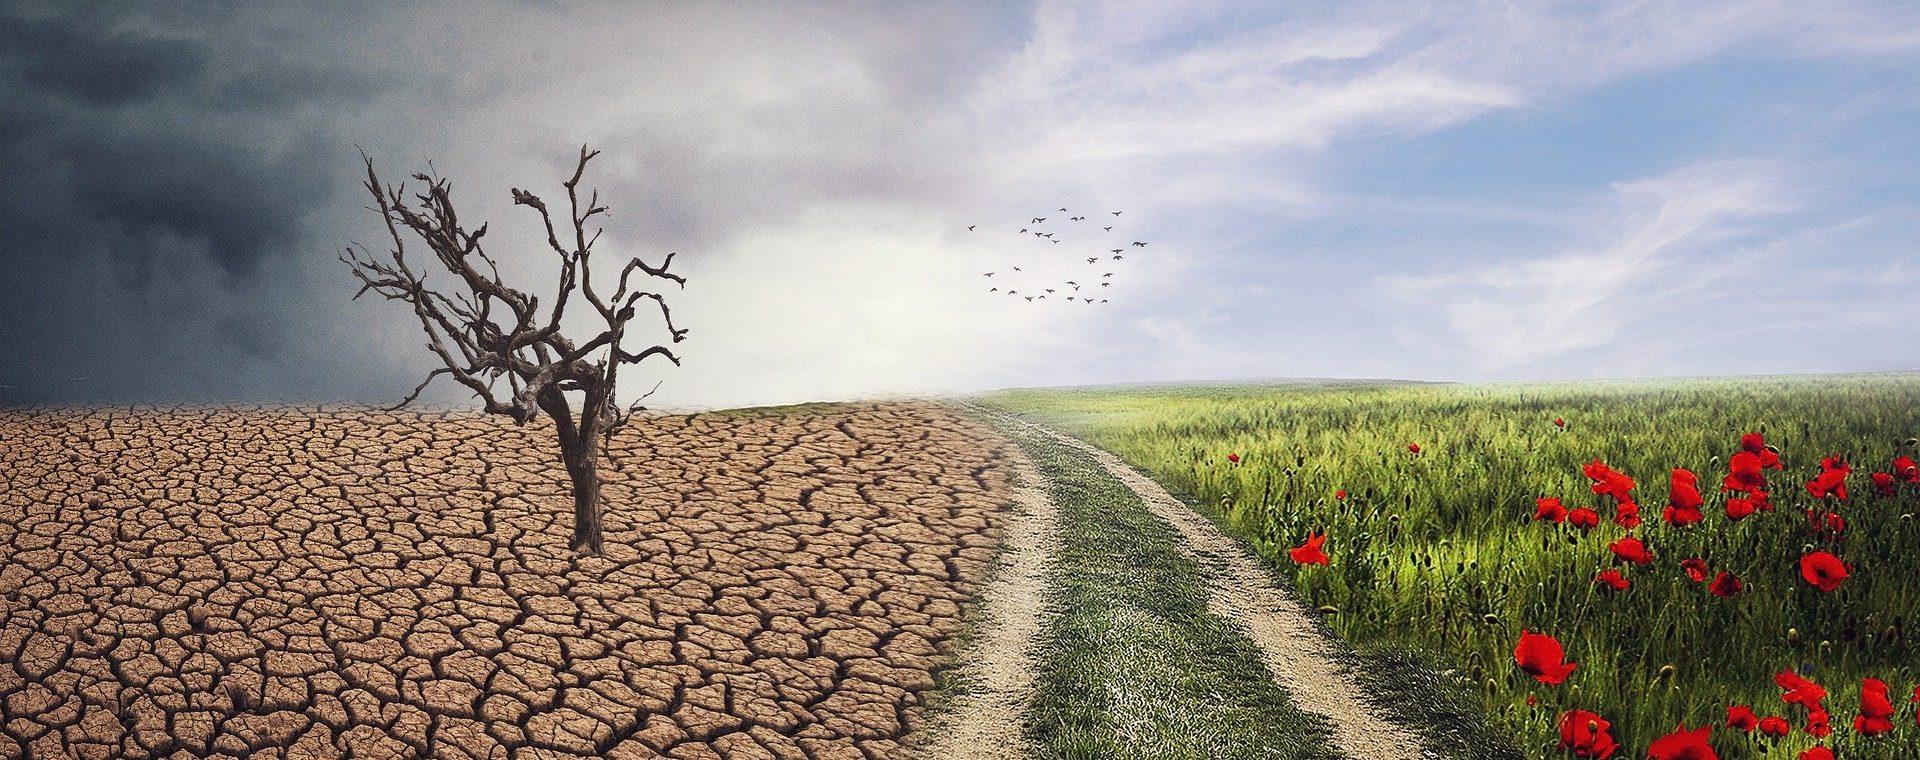 Piani d'Azione per l'Energia Sostenibile e il Clima (PAESC): metodi pratici per la redazione dell'inventario delle emissioni e la valutazione delle vulnerabilità climatiche